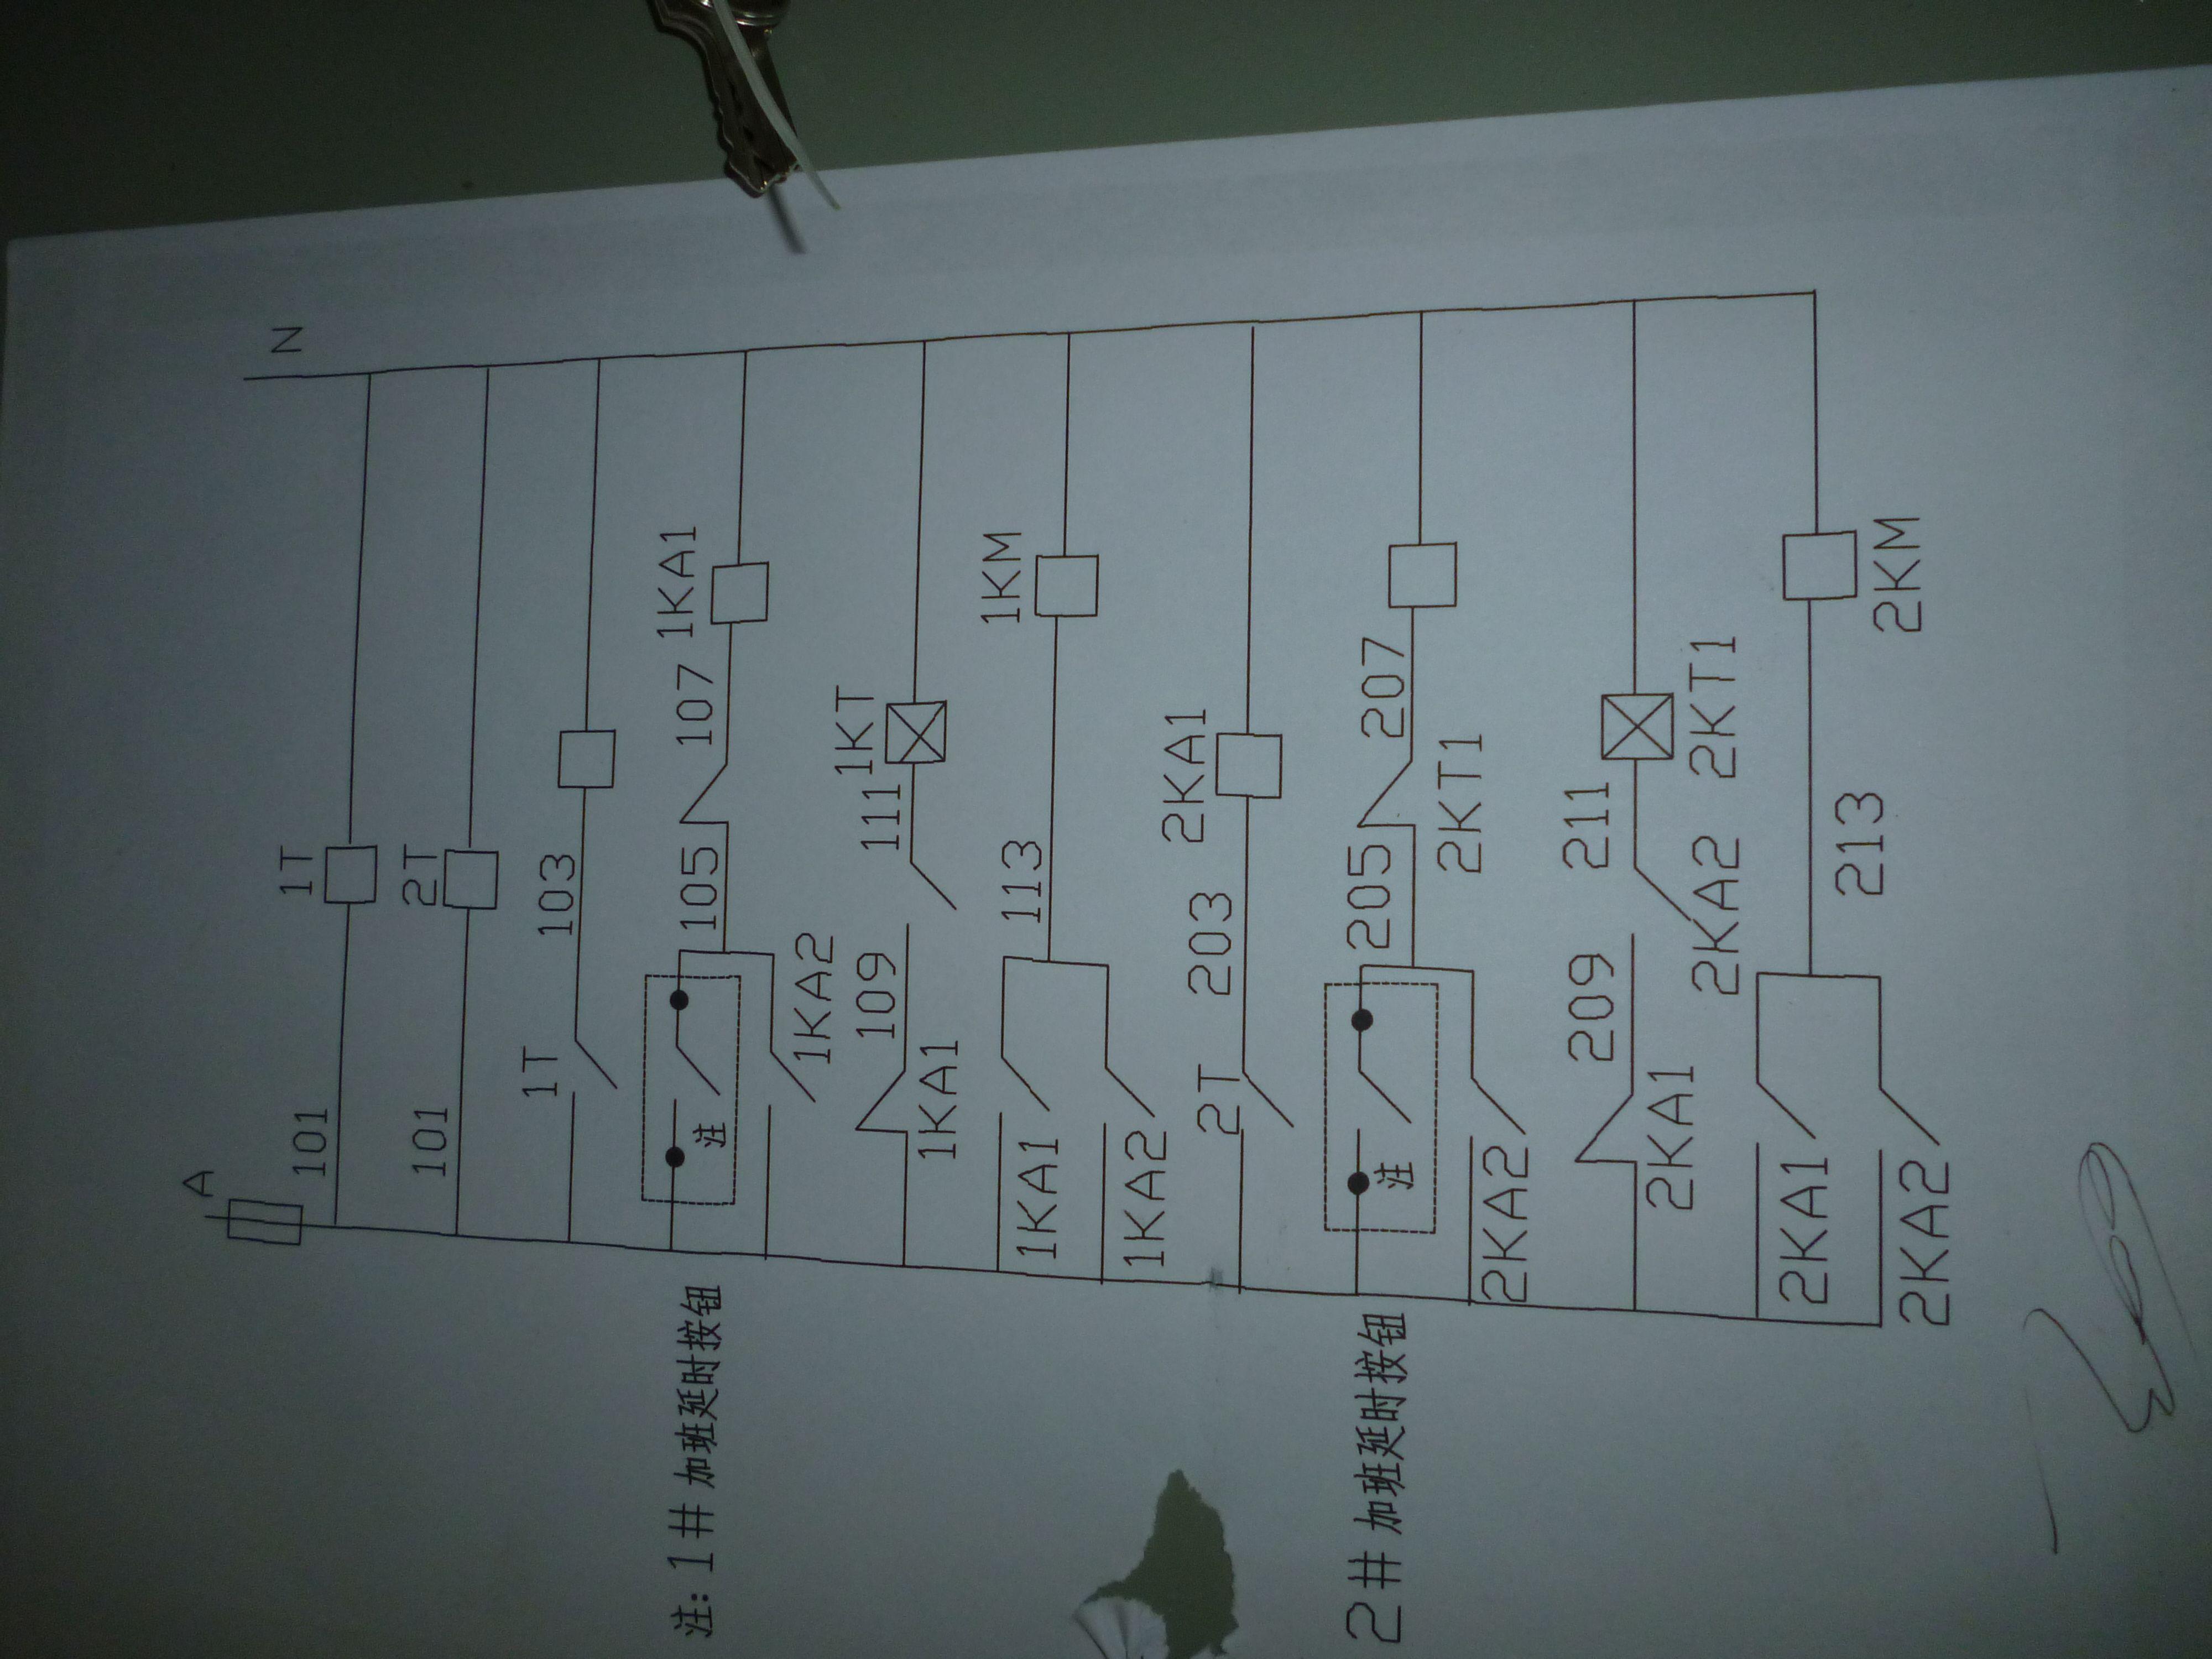 这是照明配电箱的电路图,哪位高手帮个忙,解读一下,谢